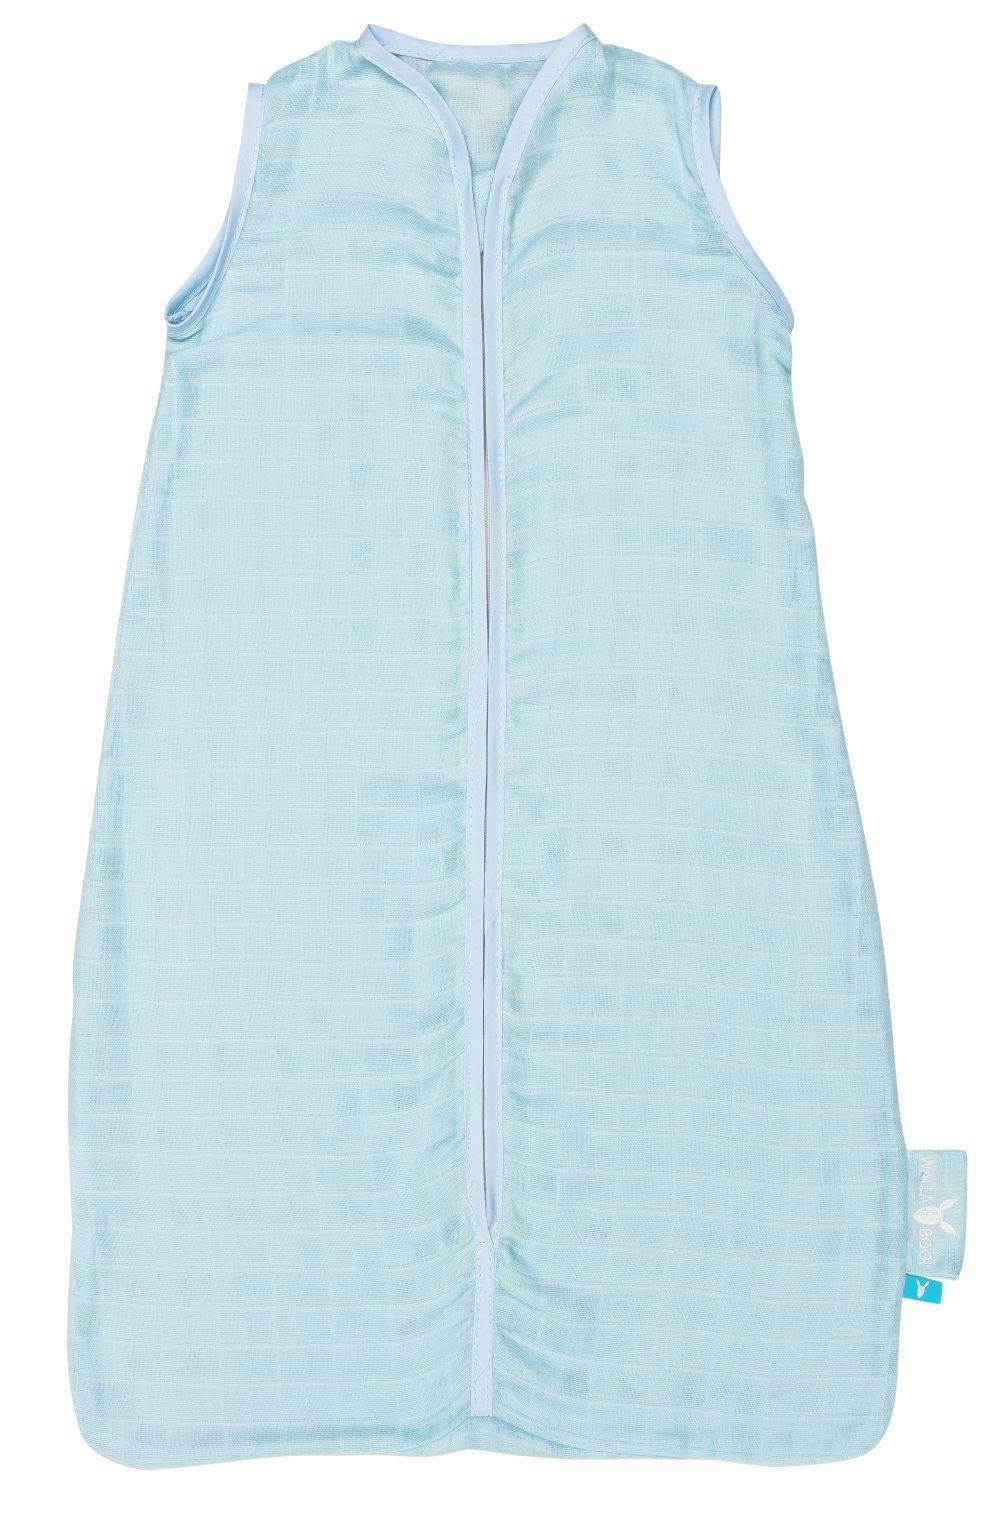 Wallaboo SL0.0411.3405 – Saco de dormir clásico, 0.5 tog, muselina de 100% algodón, 50 x 62 cm, color verde